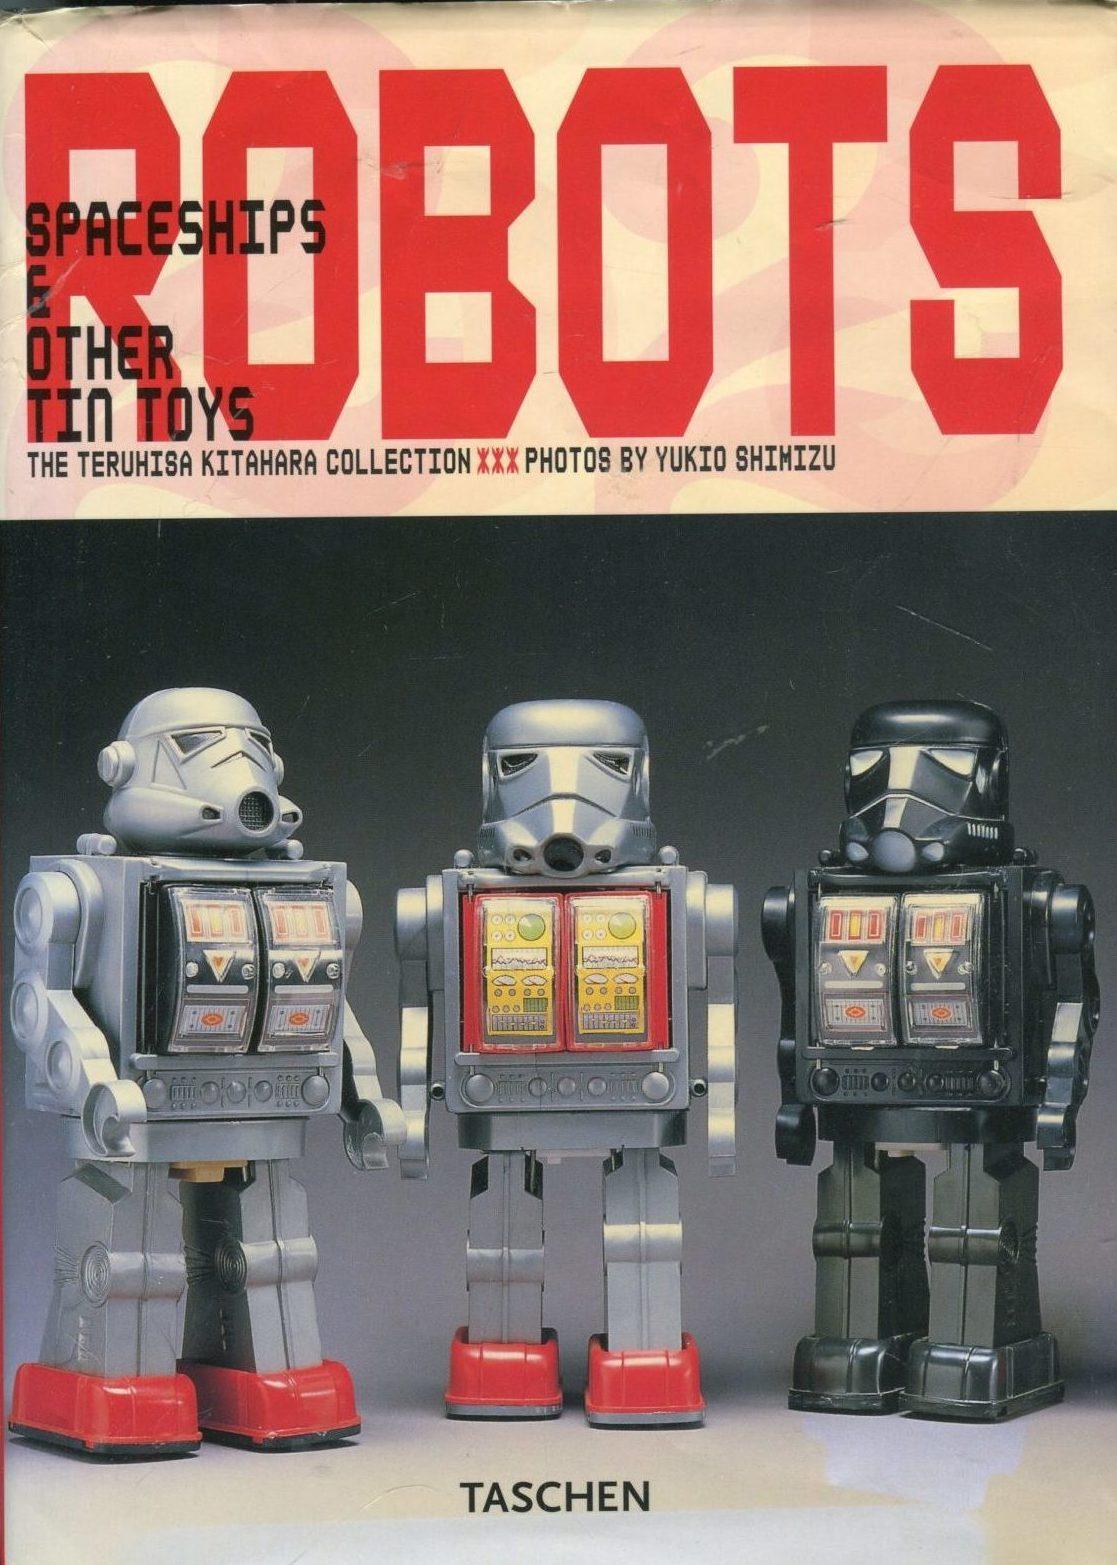 Robots Fotograf: Yukio Shimizu